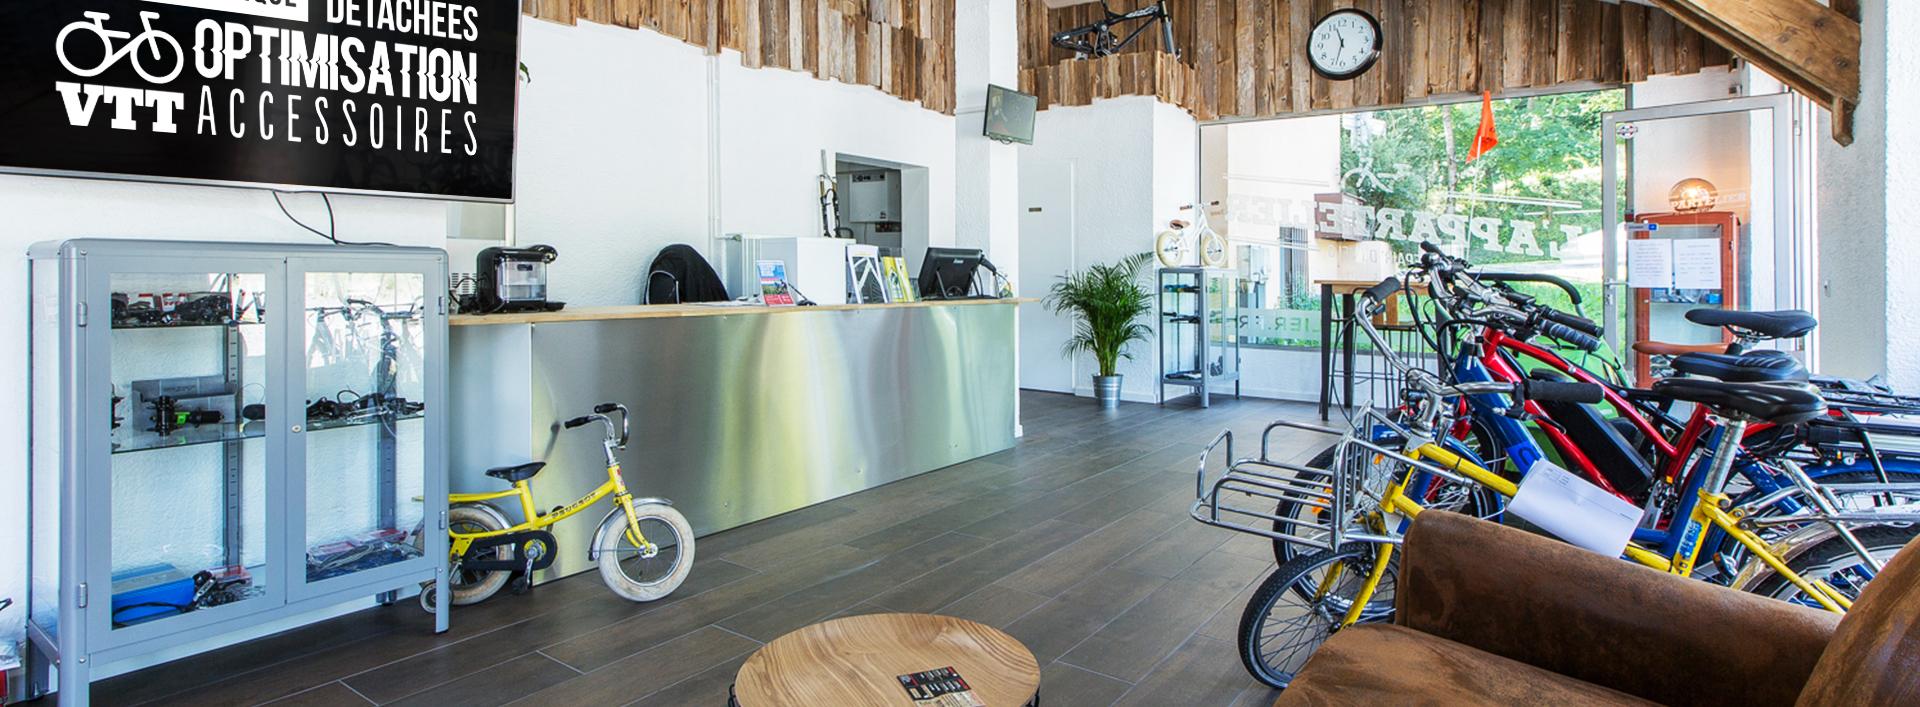 l 39 appartelier magasin v lo annecy optimisation et vente. Black Bedroom Furniture Sets. Home Design Ideas